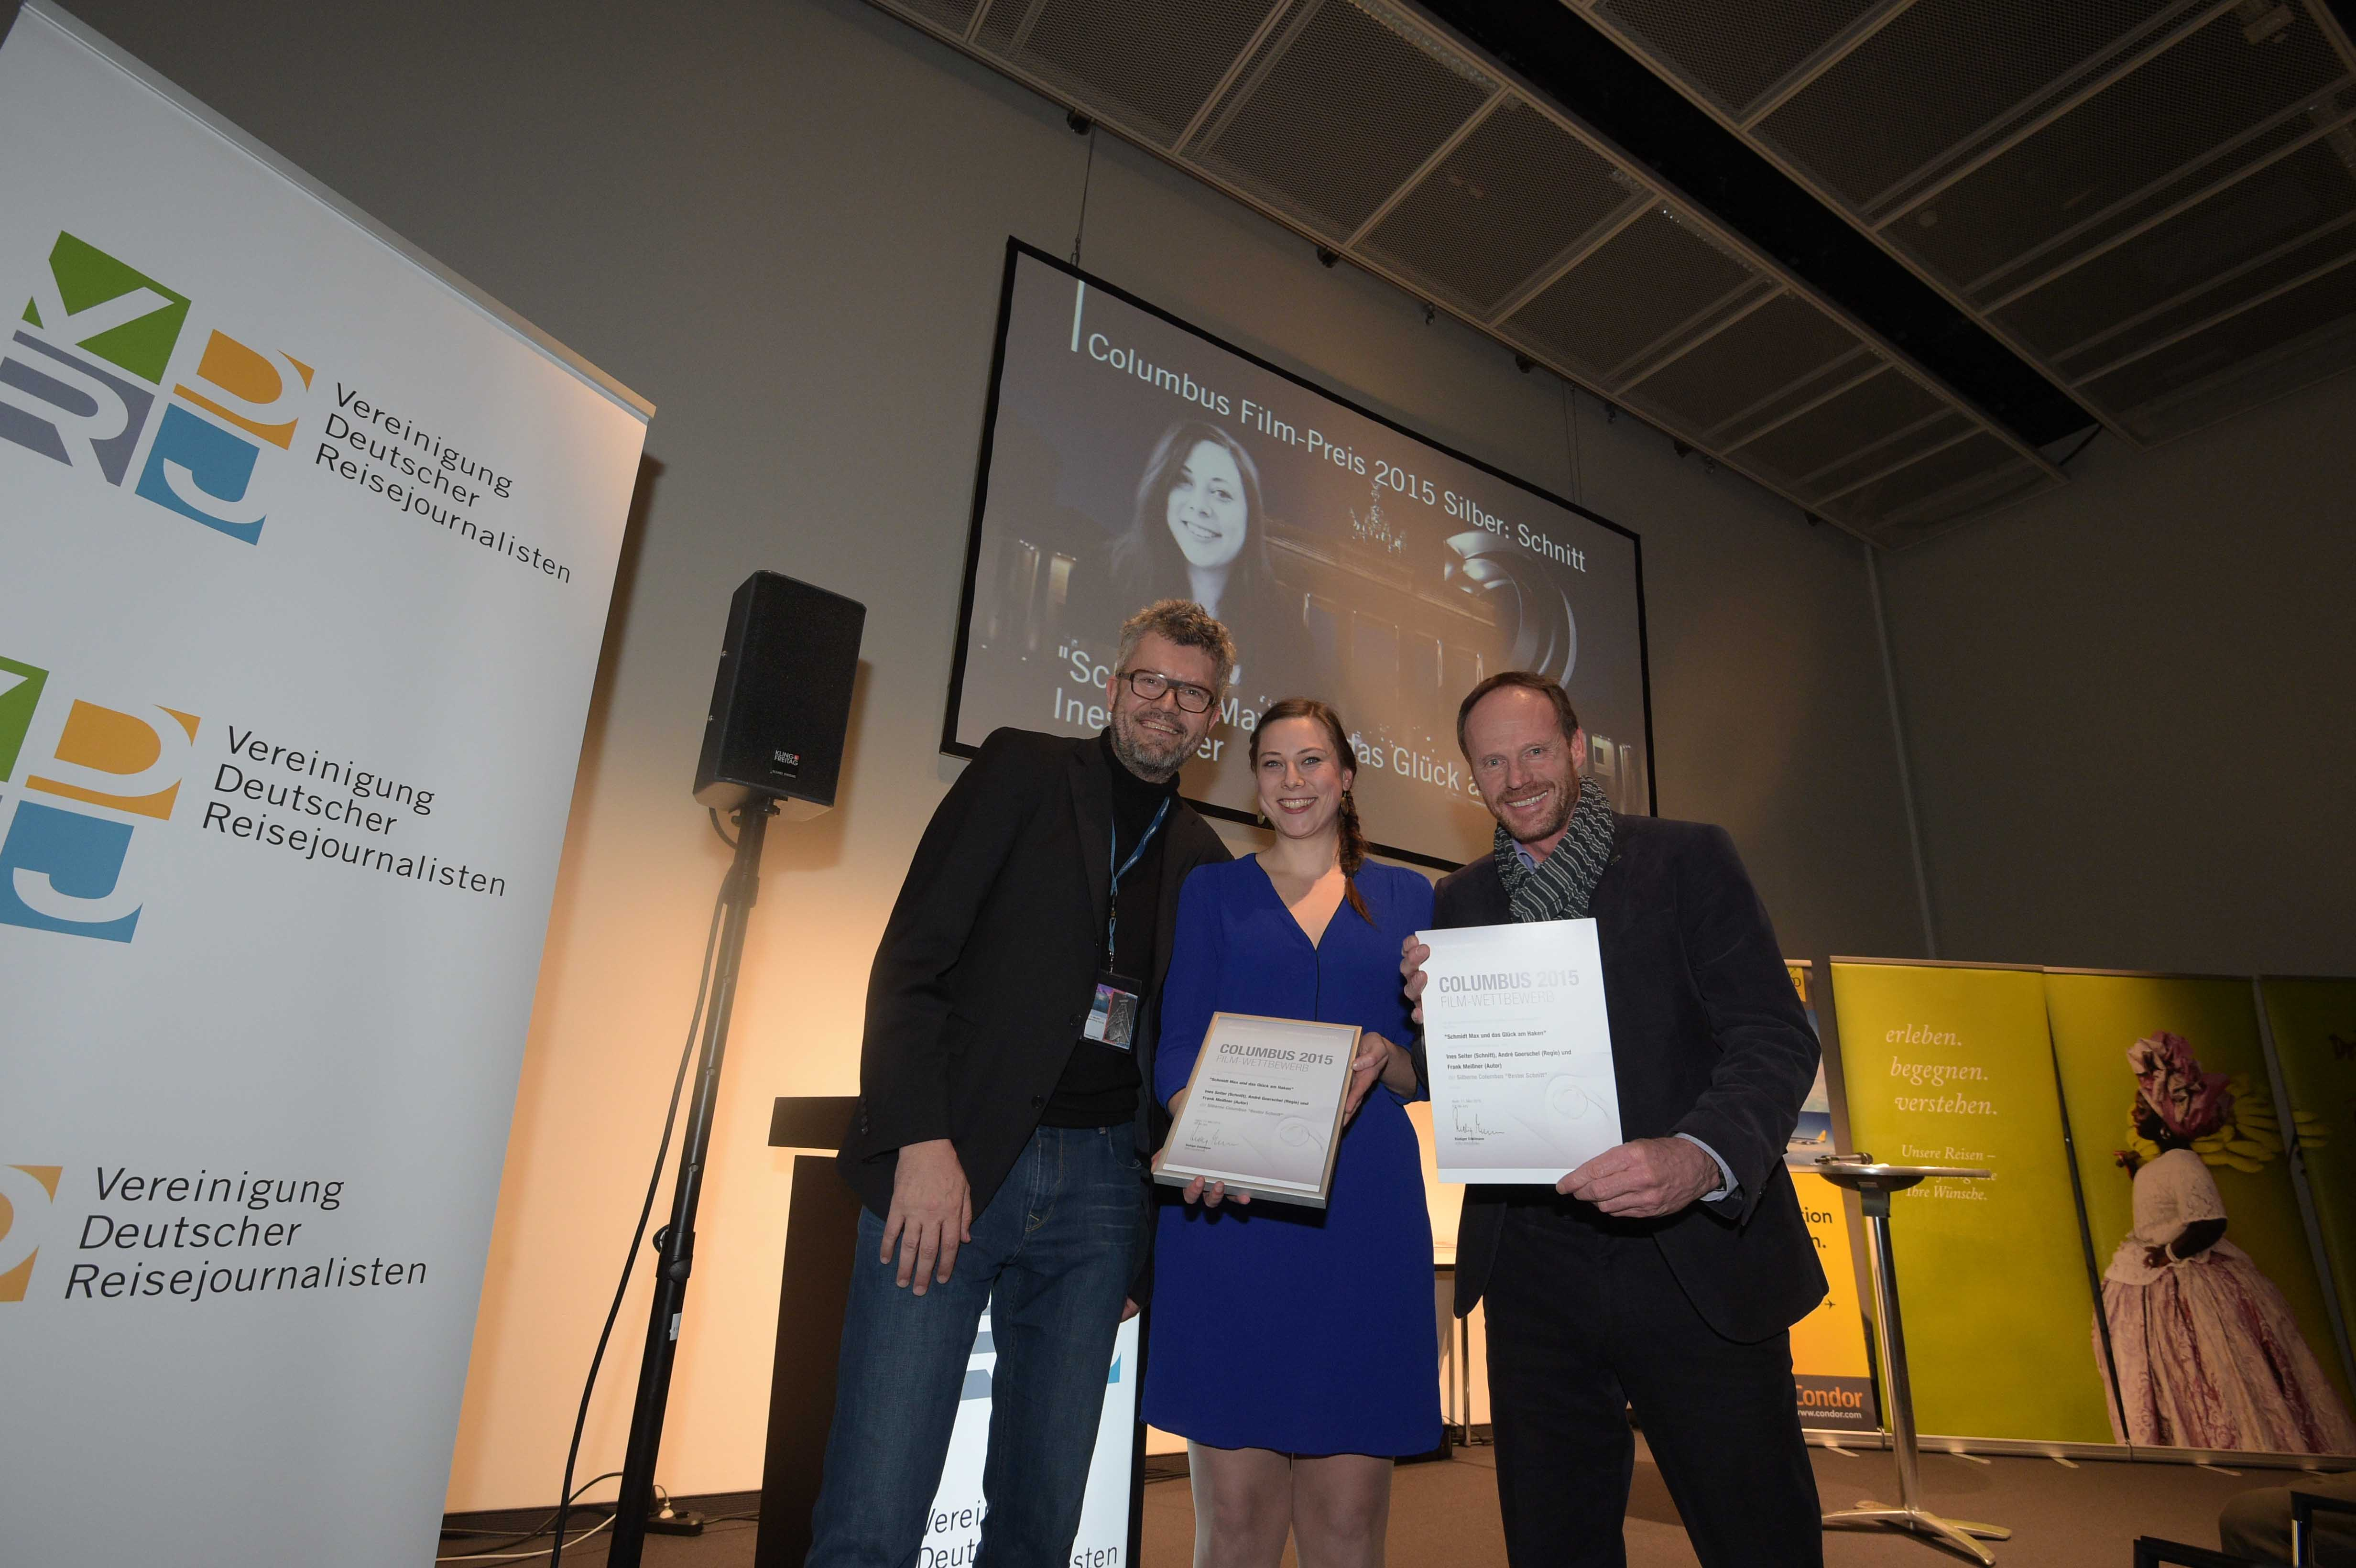 Columbus Film Preisverleihung 2015 Silber Ines Seiter und Frank Meißner mit Thomas Radler web